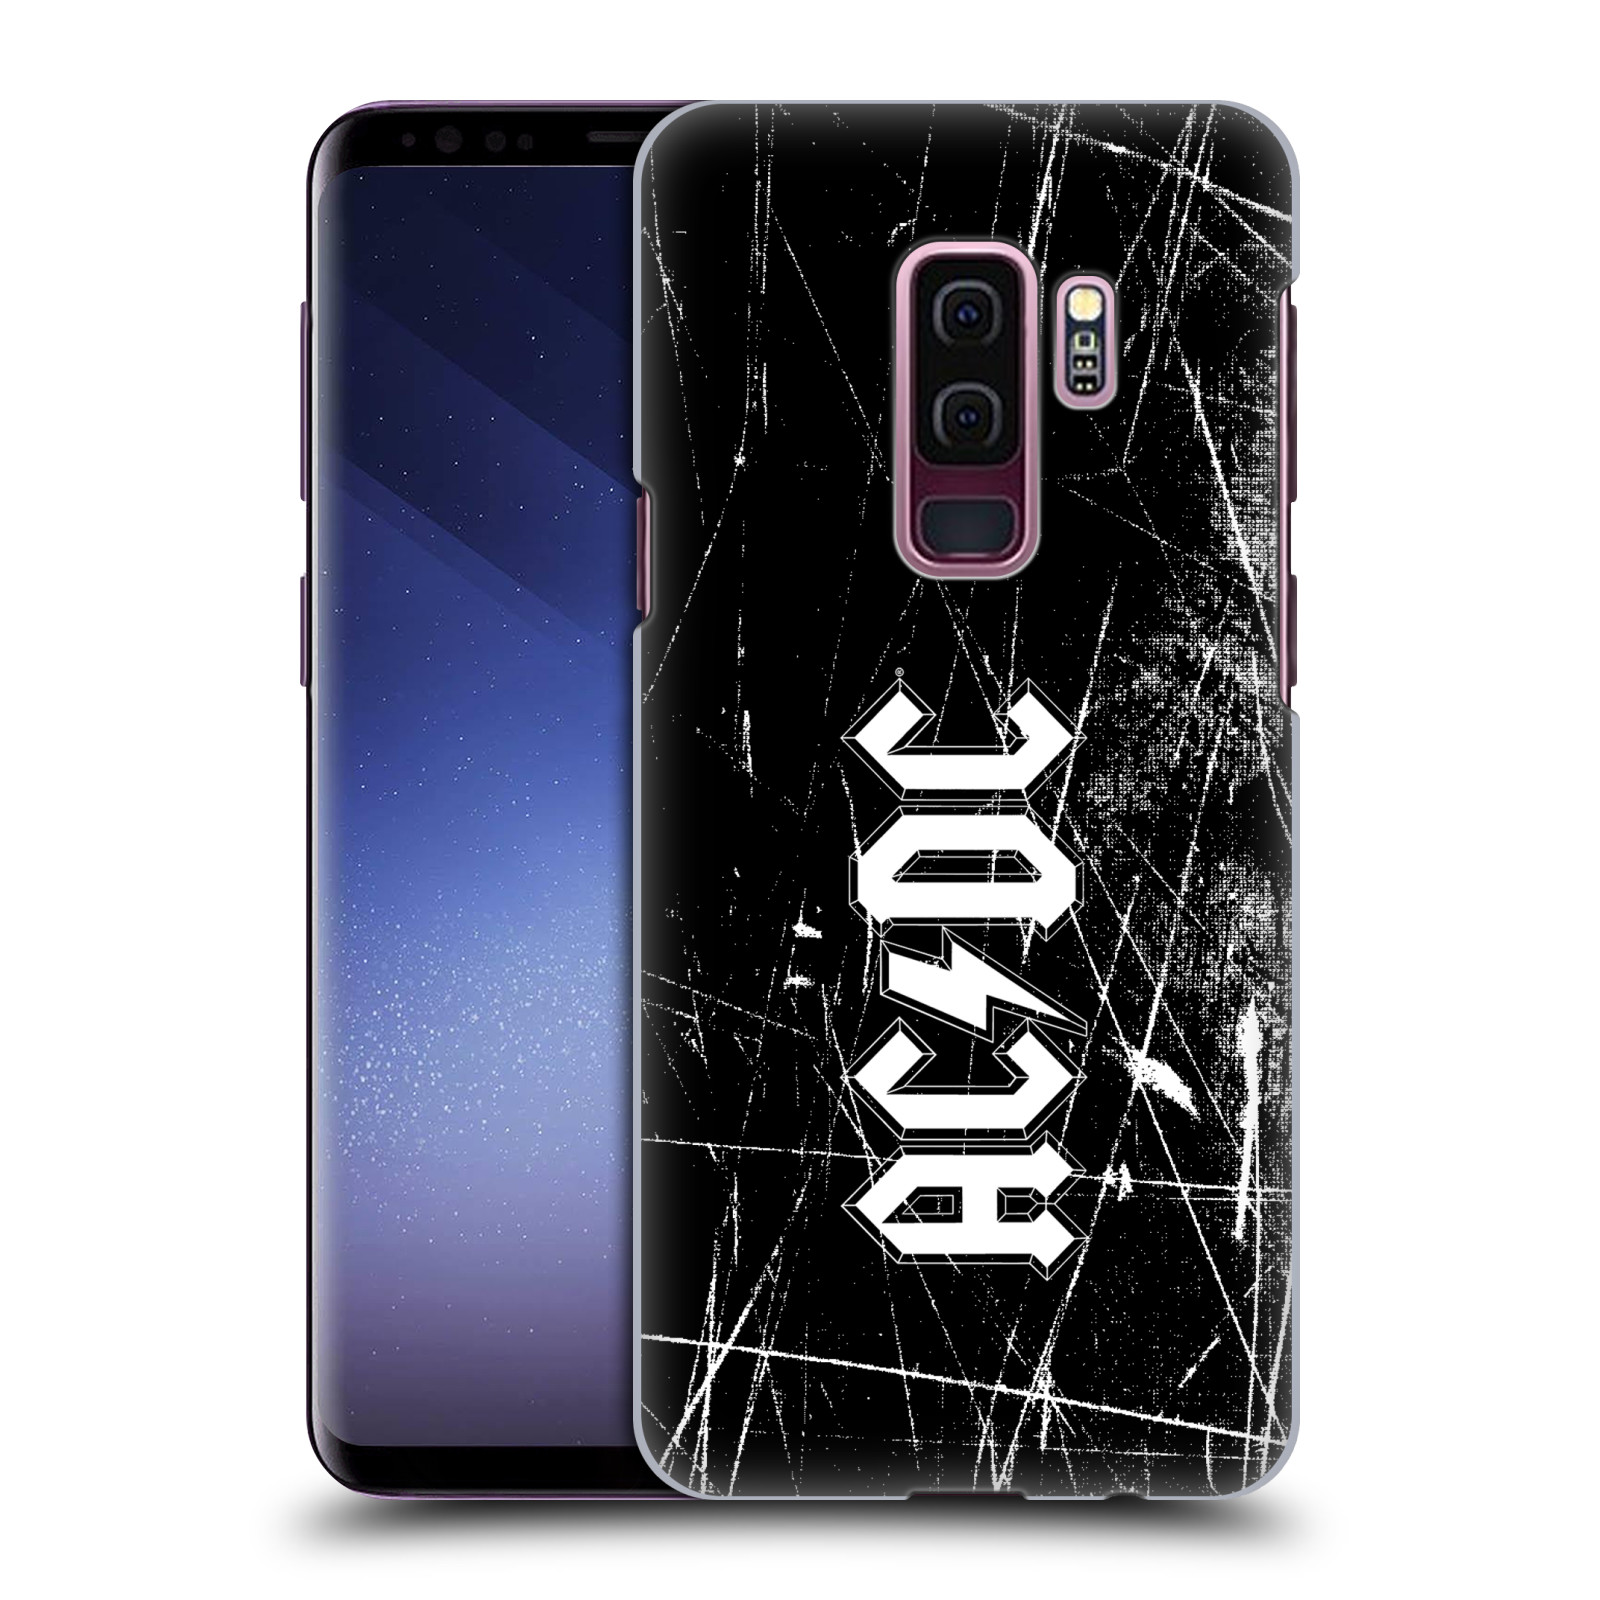 Plastové pouzdro na mobil Samsung Galaxy S9 Plus - Head Case - AC/DC Černobílé logo